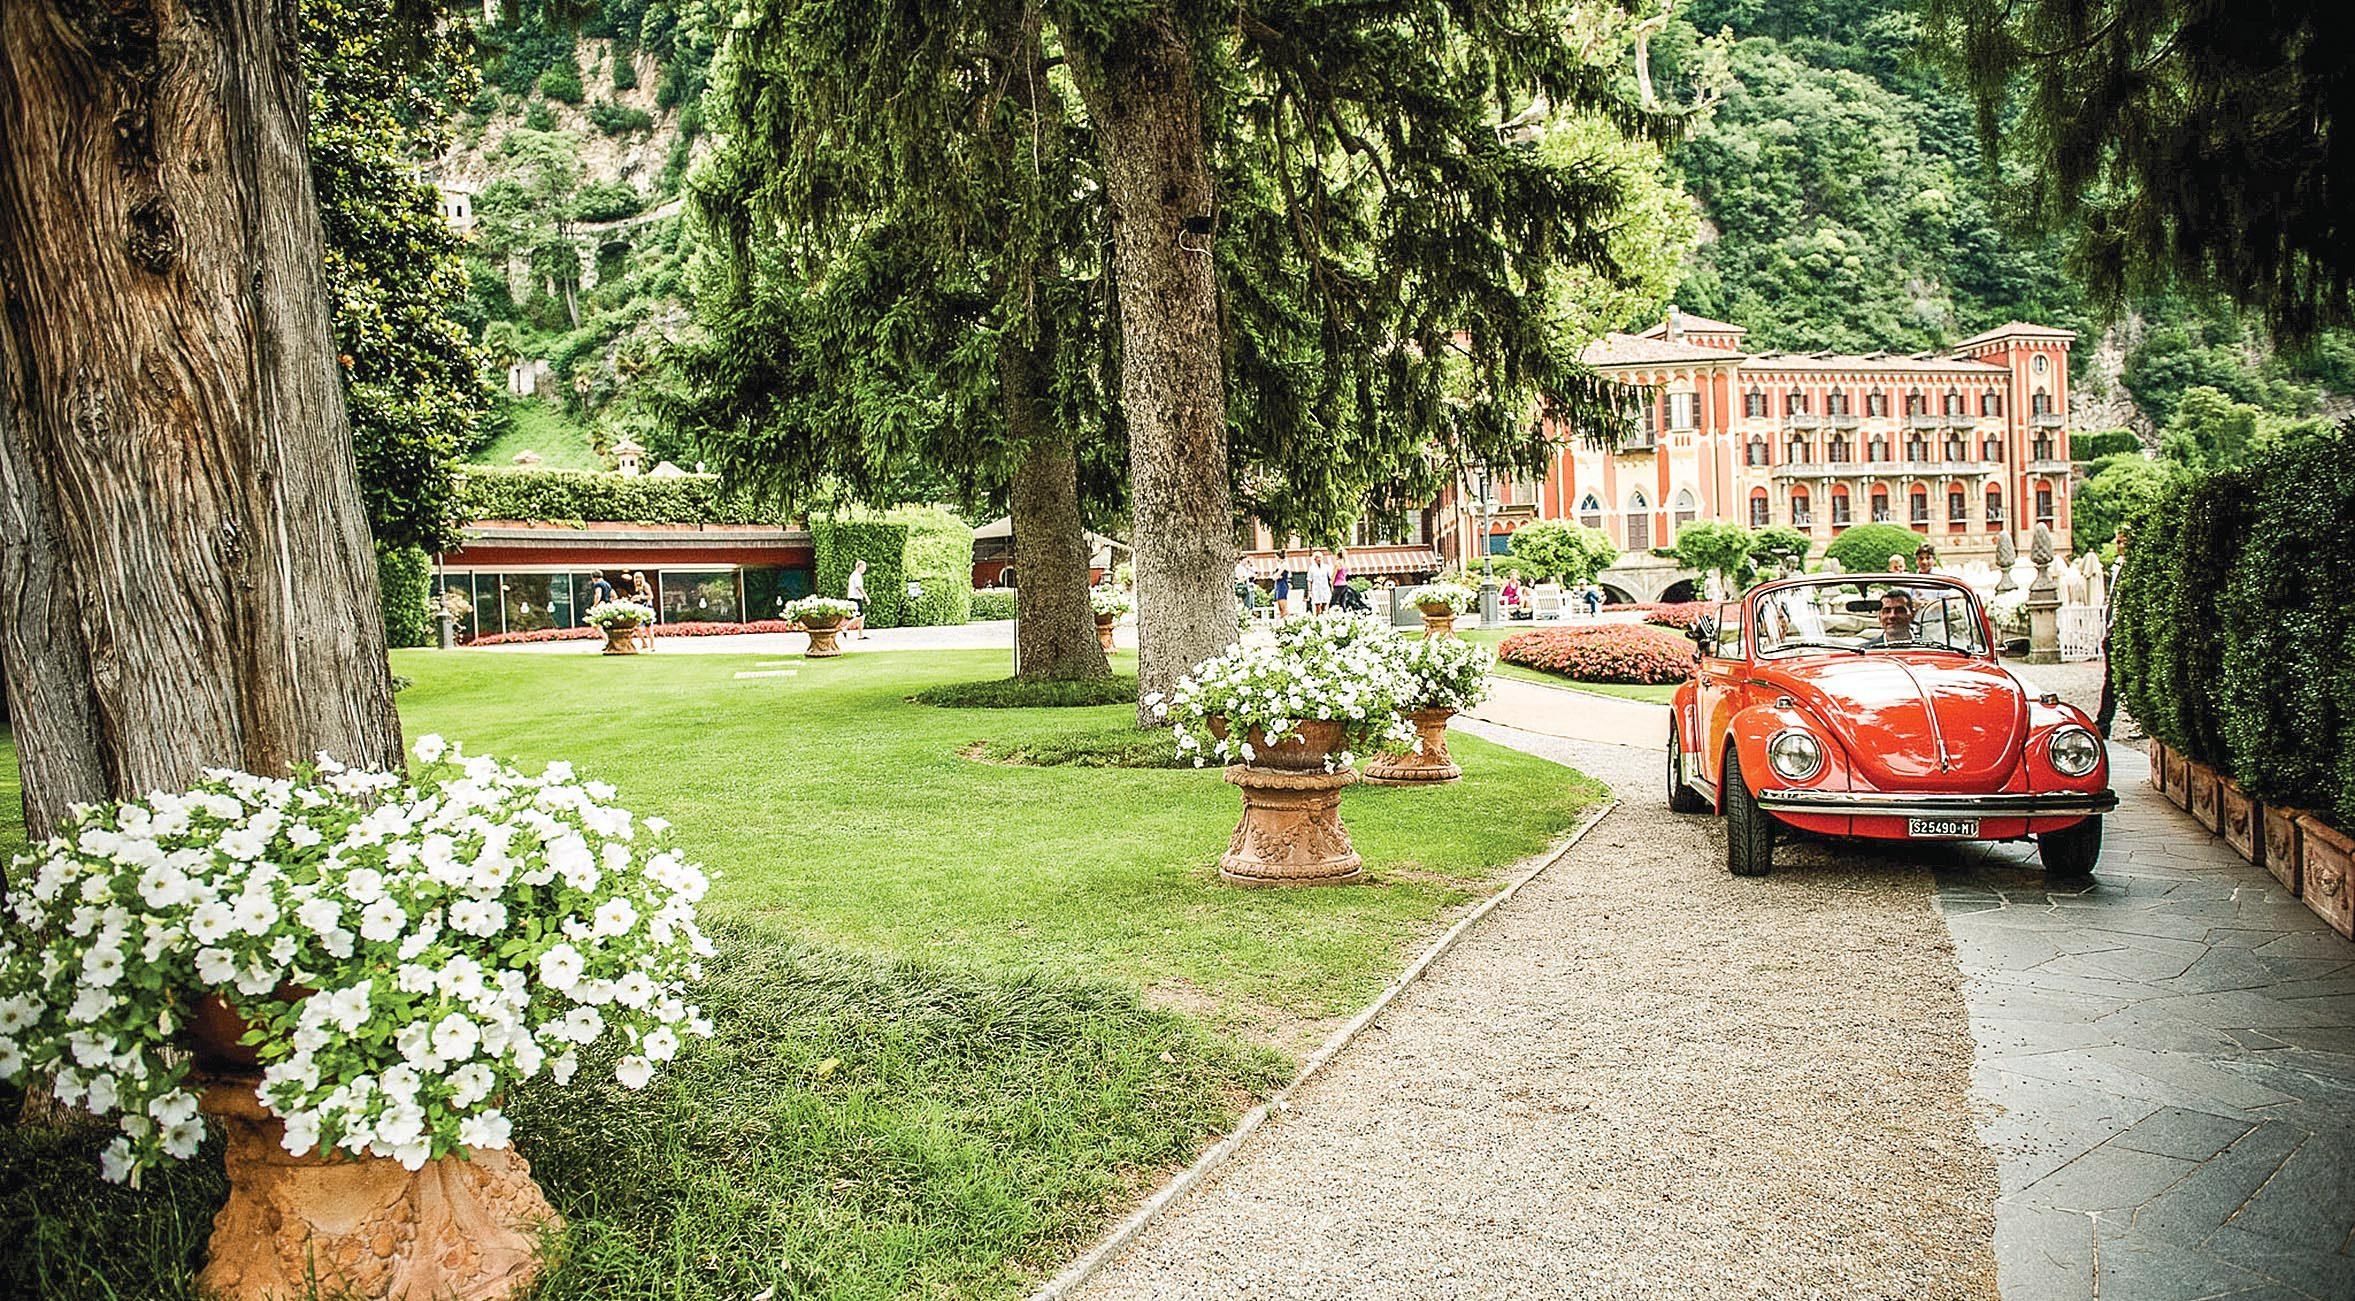 Um fusca conversível percorre o caminho de saída do suntuoso jardim do hotel Villa d'Este, que se encontra ao fundo